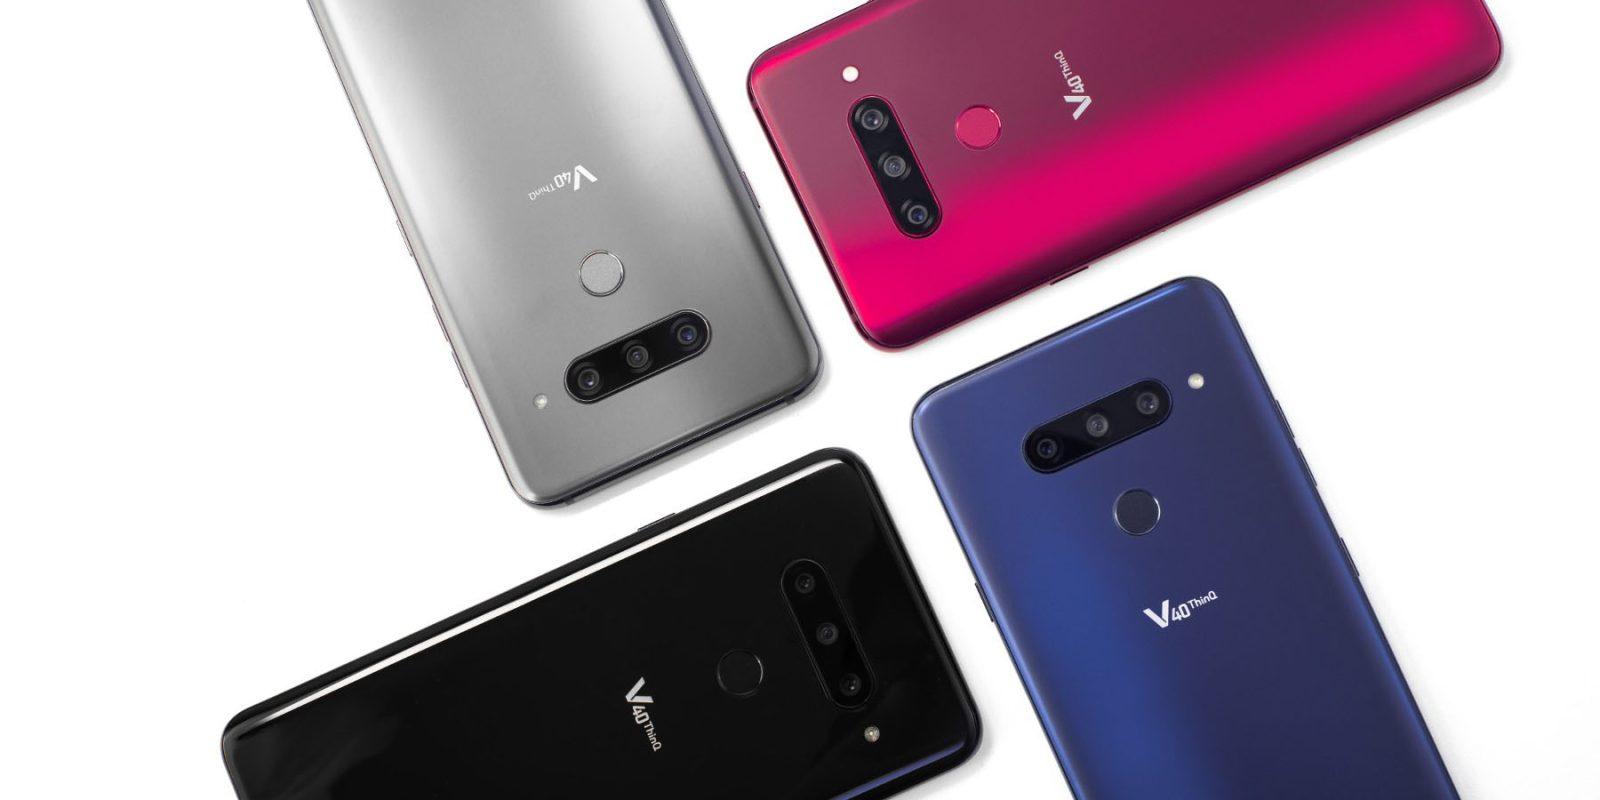 LG V40 ThinQ presentado oficialmente con un total de cinco cámaras